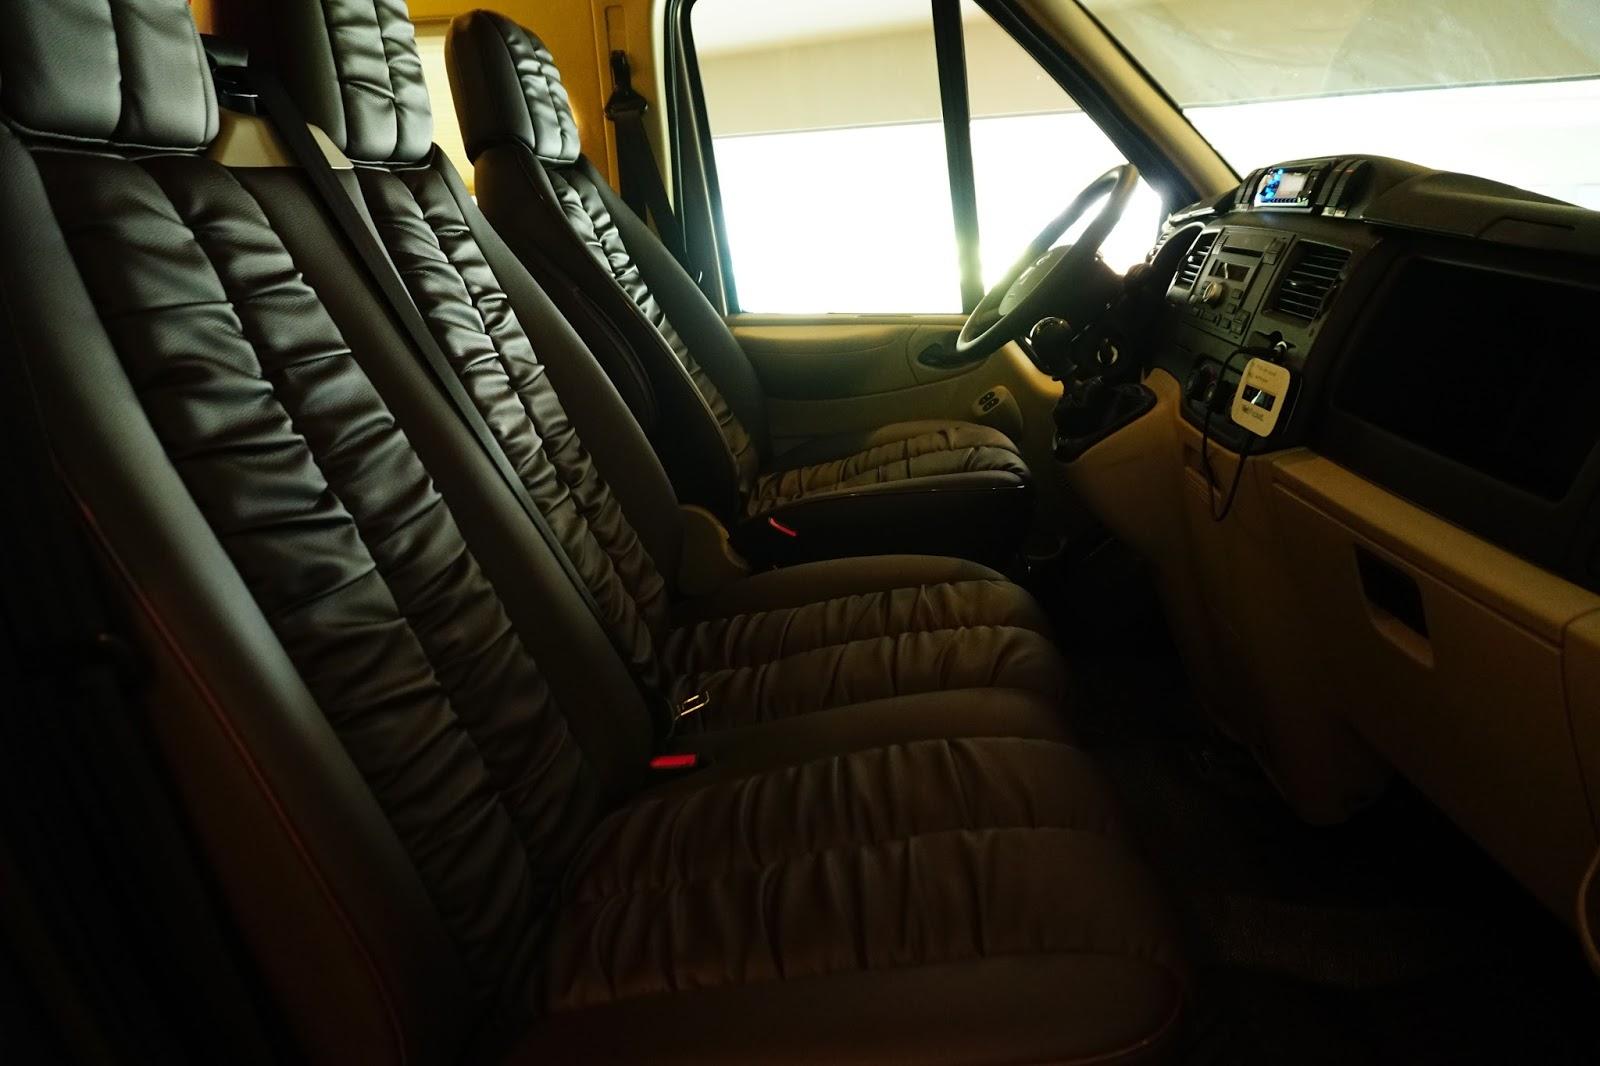 Khoang lái cũng được trang bị ghế rất sang trọng, êm ái